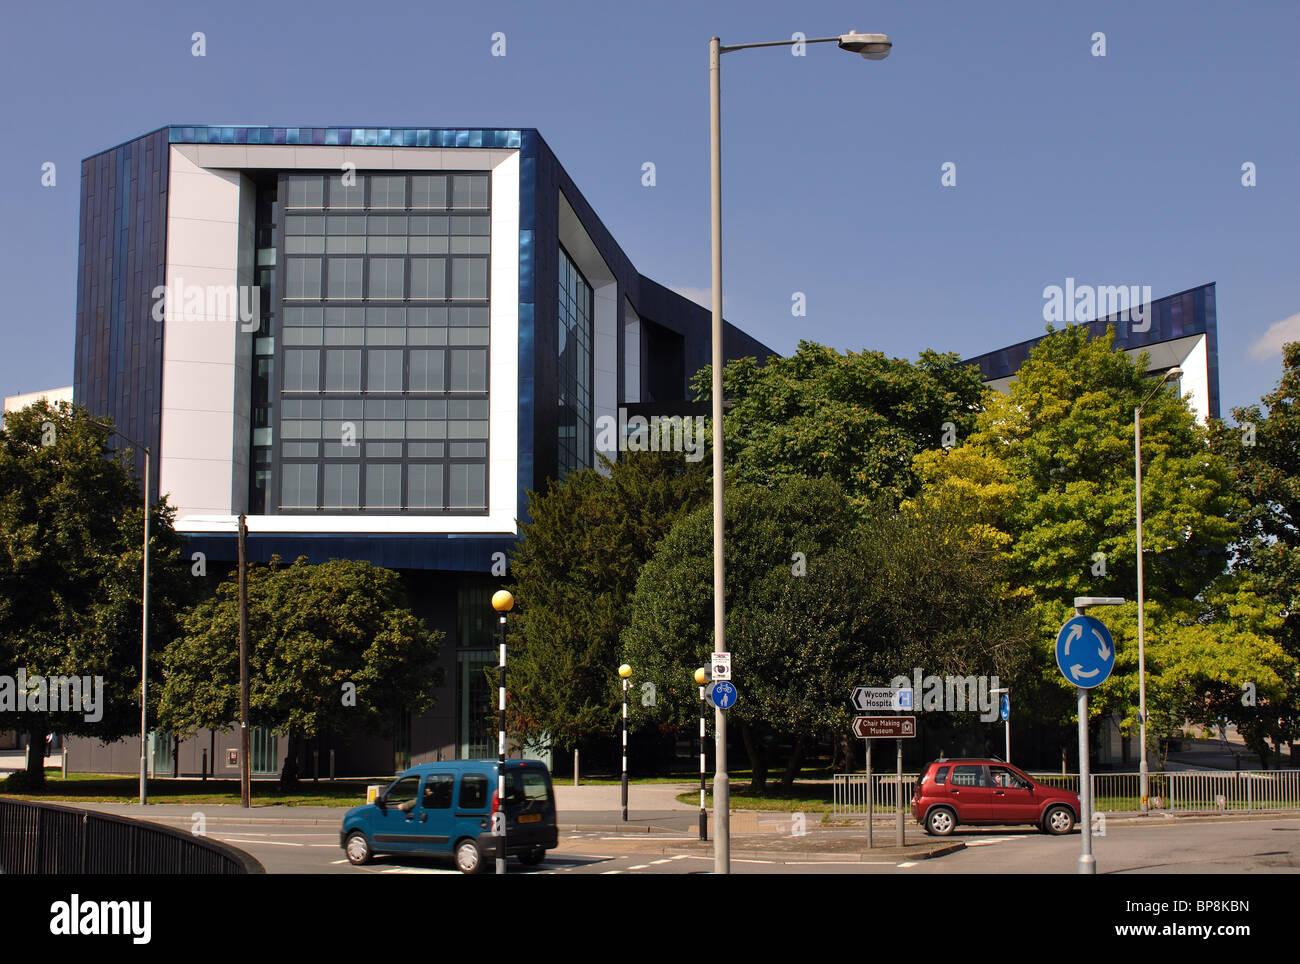 Bucks New University, High Wycombe, Buckinghamshire, England, UK - Stock Image